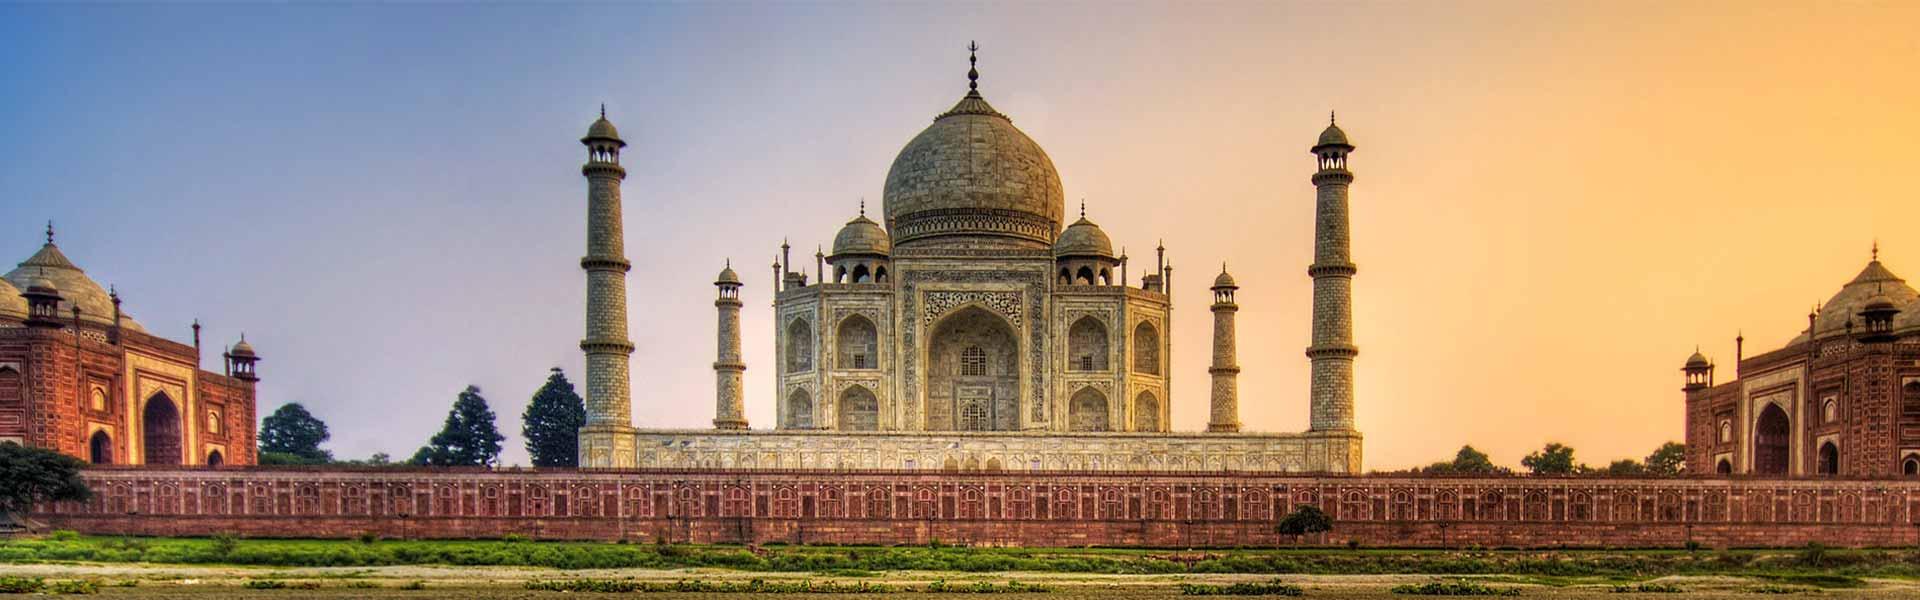 Sunrise Taj Mahal Tour